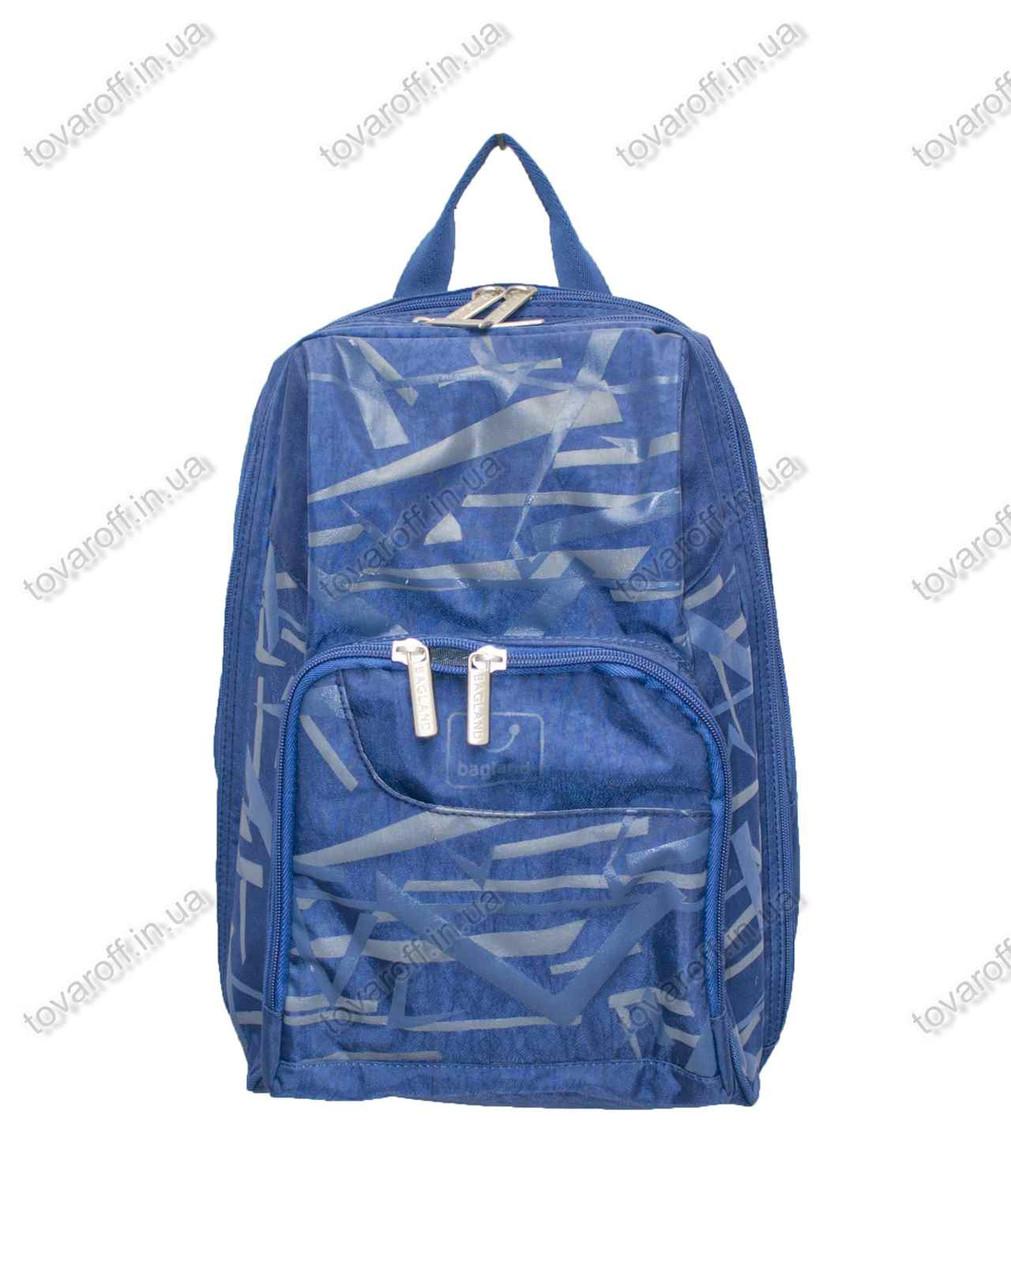 Оптом рюкзак школьный/городской - Синий - MeShock (Bagland) - 14970